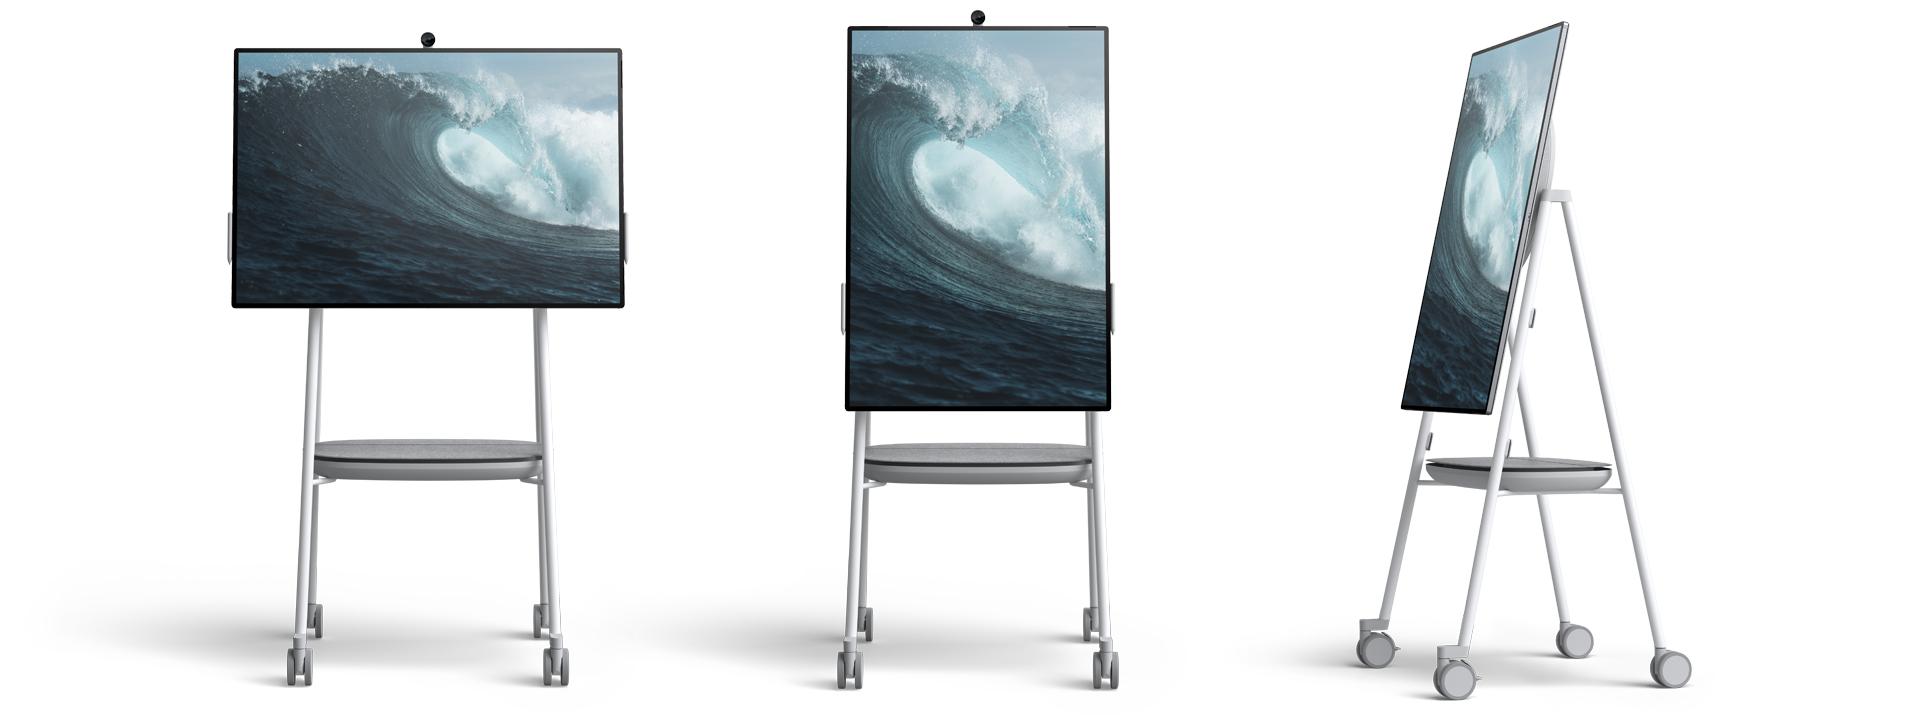 Drie Surface Hub 2S-smartboards worden getoond op mobiele rolstandaarden, ontworpen door Steelcase